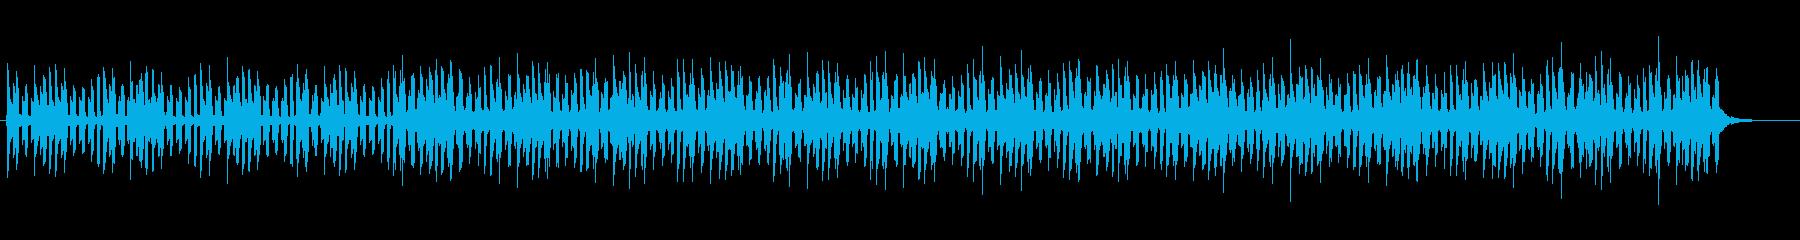 近未来的で神秘的なスピリチュアルサウンドの再生済みの波形